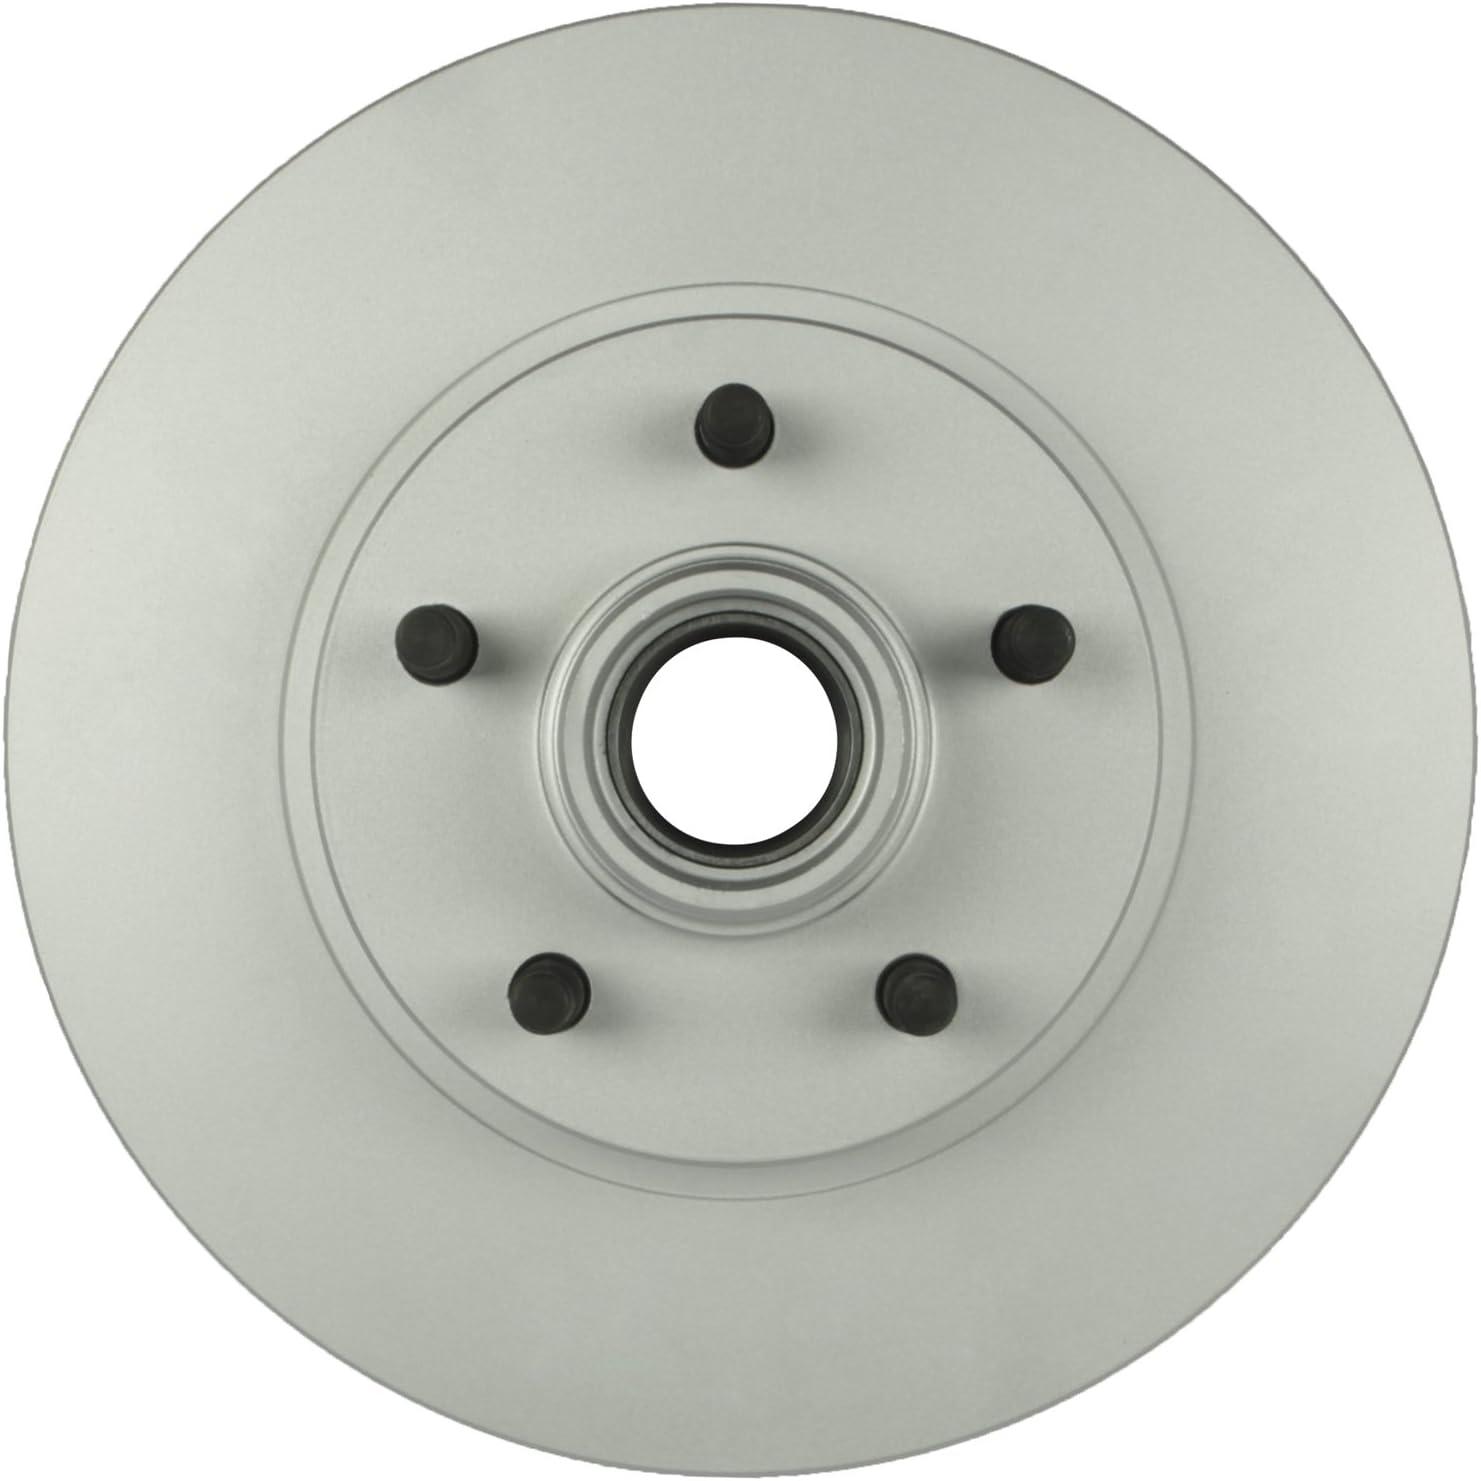 Bosch 40011489 QuietCast Premium Disc Brake Rotor